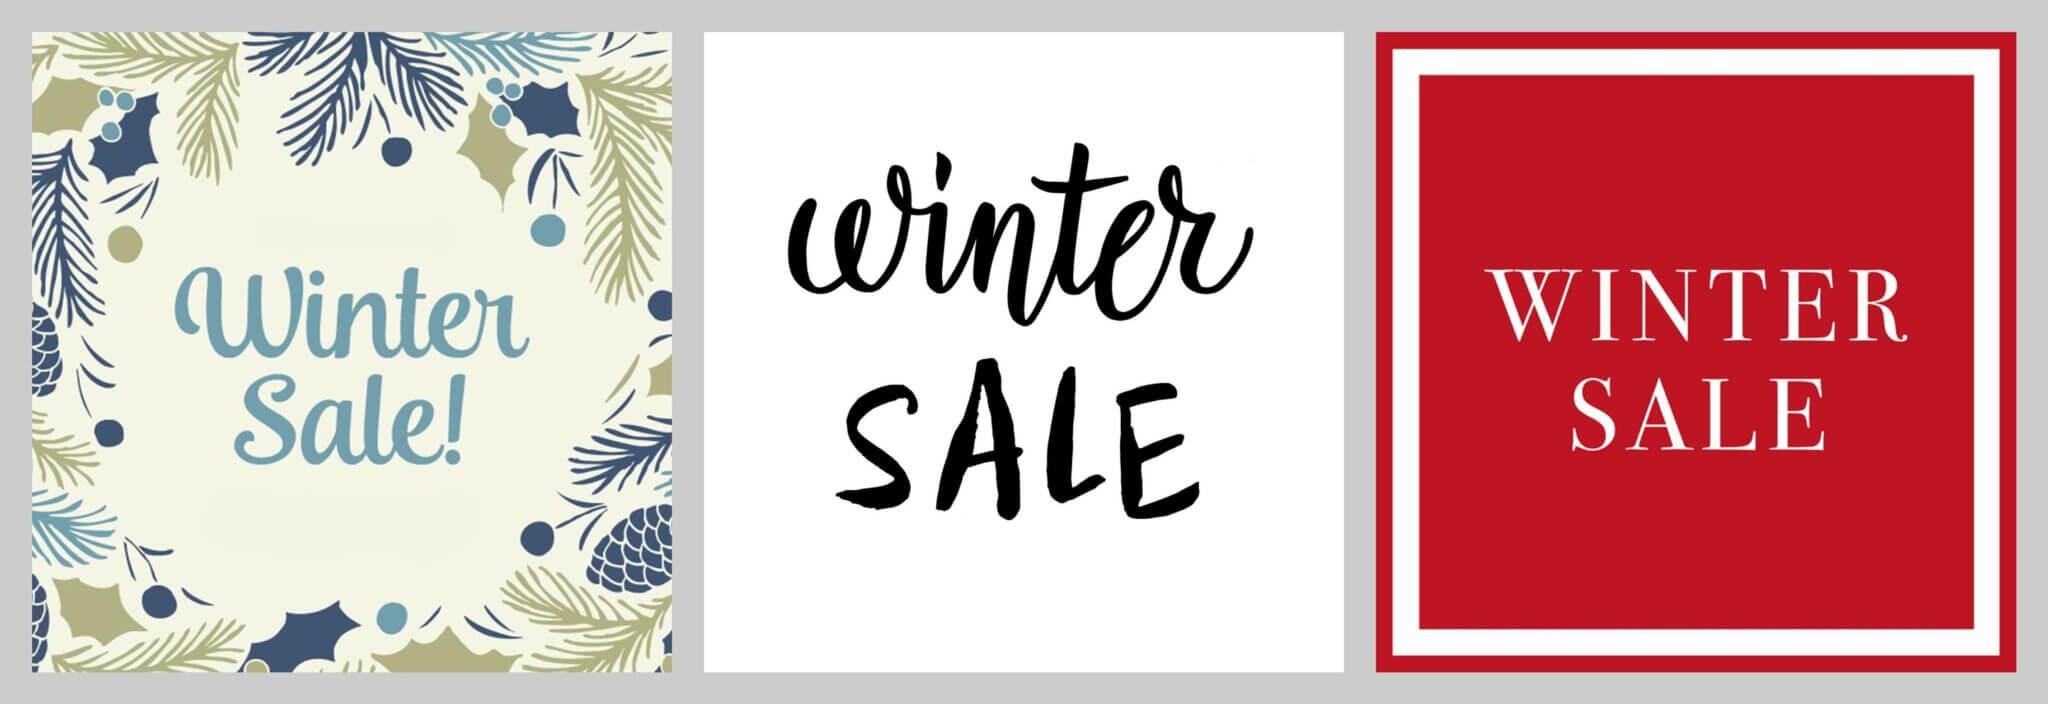 Winter Sales in Bergamo: 2019